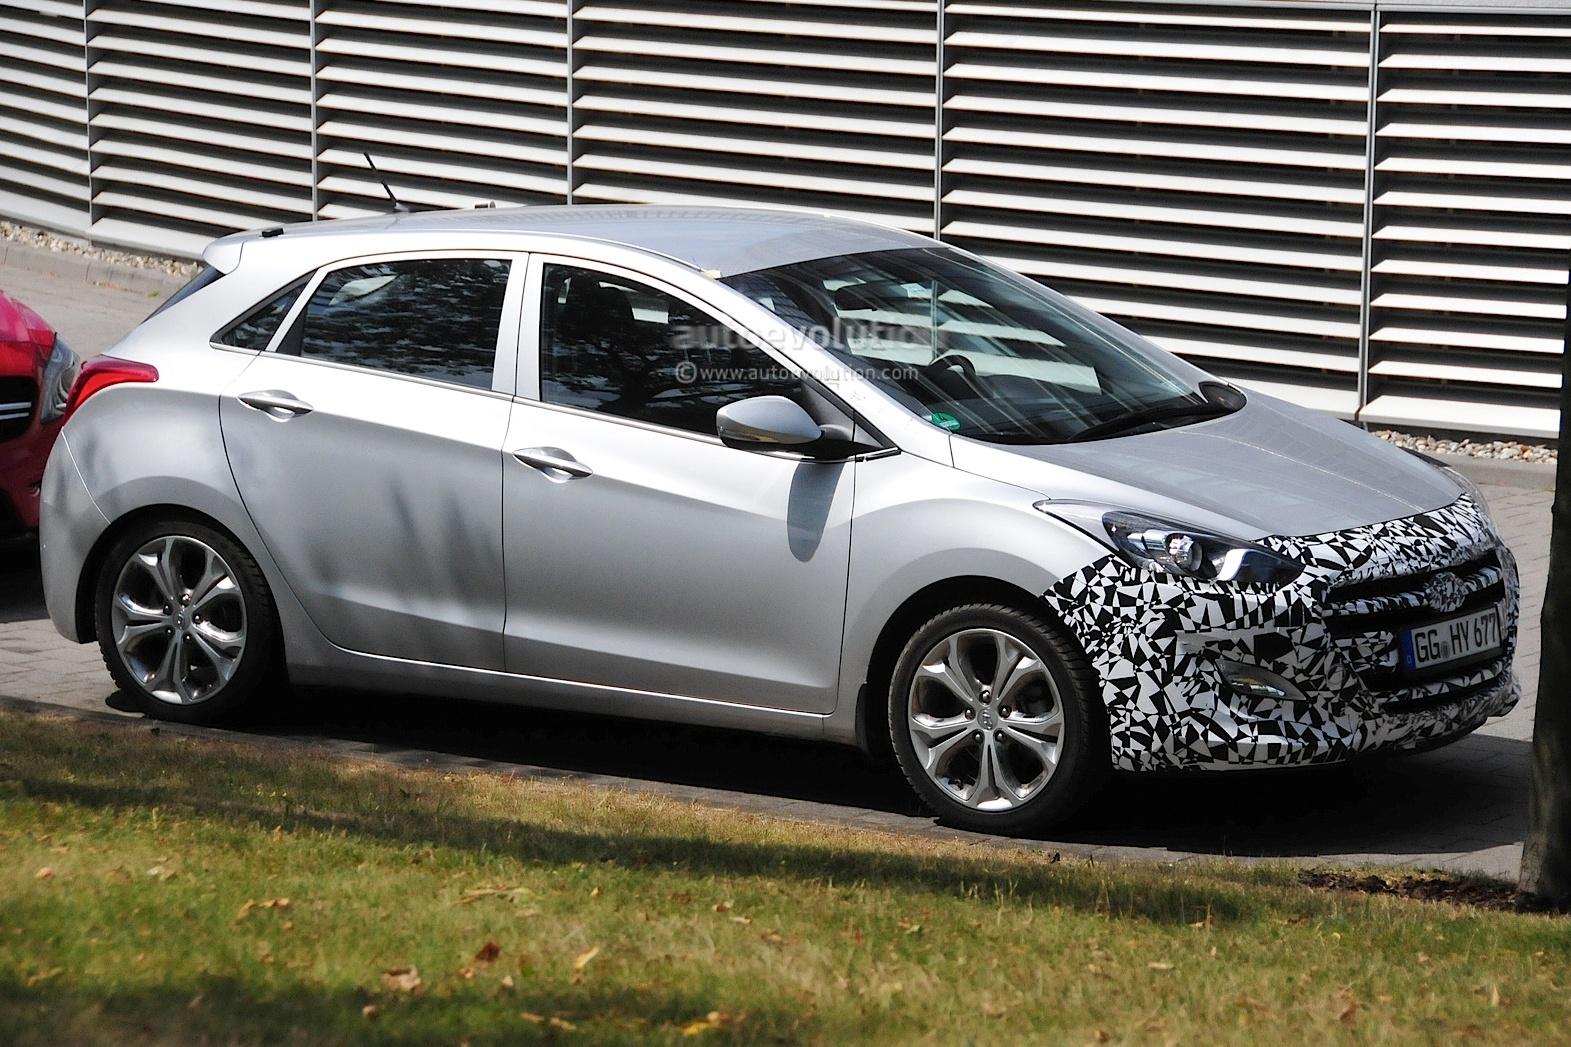 Hyundai тестирует обновленный хэтчбек i30 - журнал За рулем